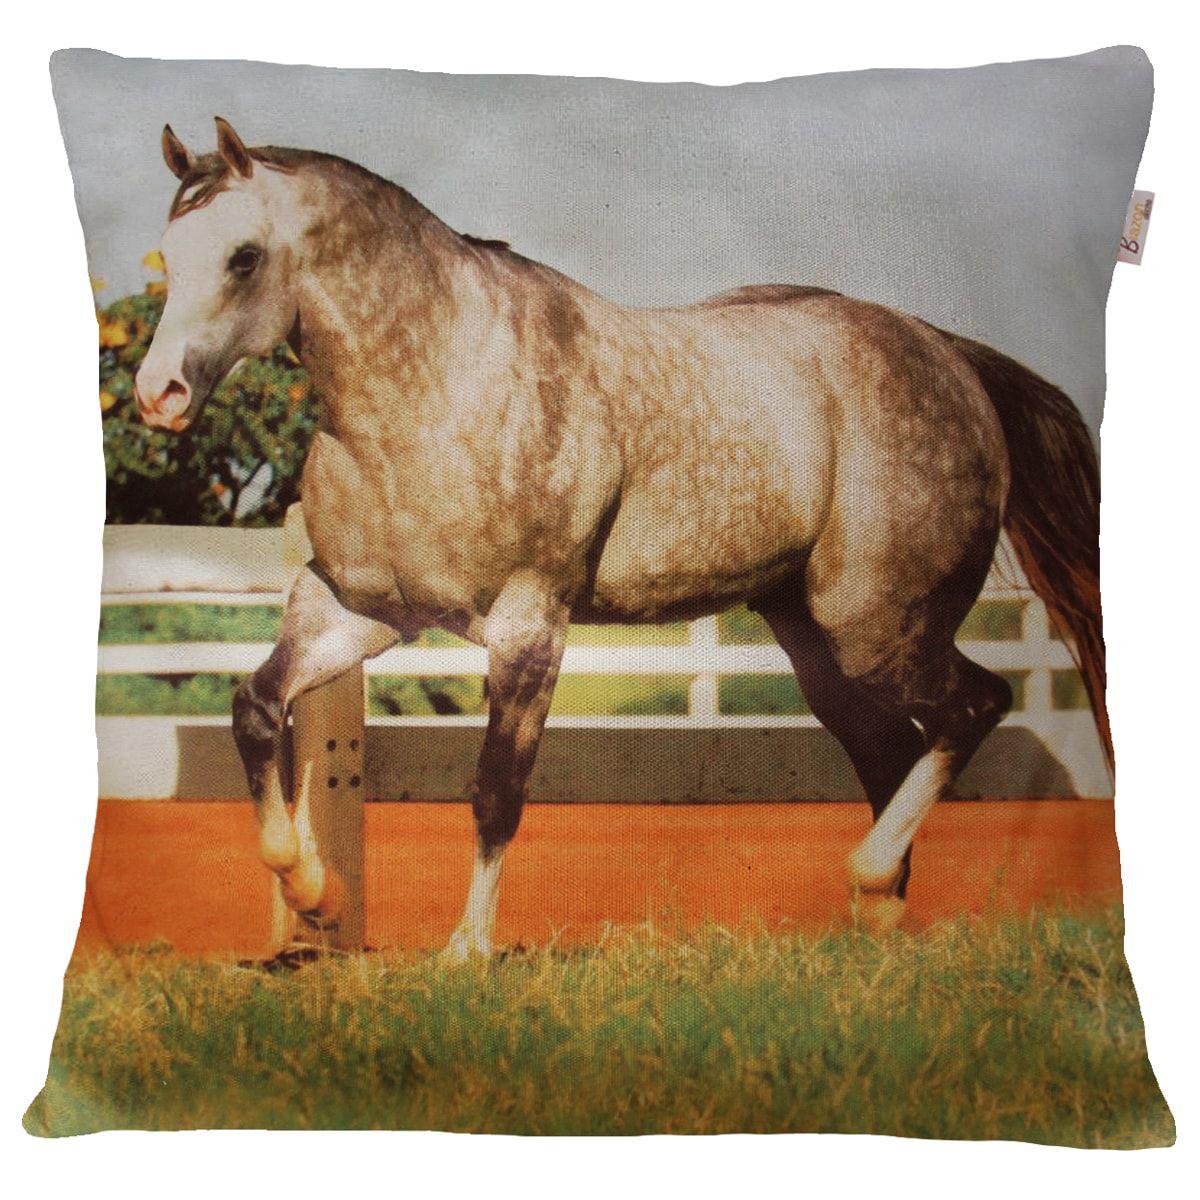 Capa de Almofada Decorativa Animais Cavalo Cavalgando 45x45cm